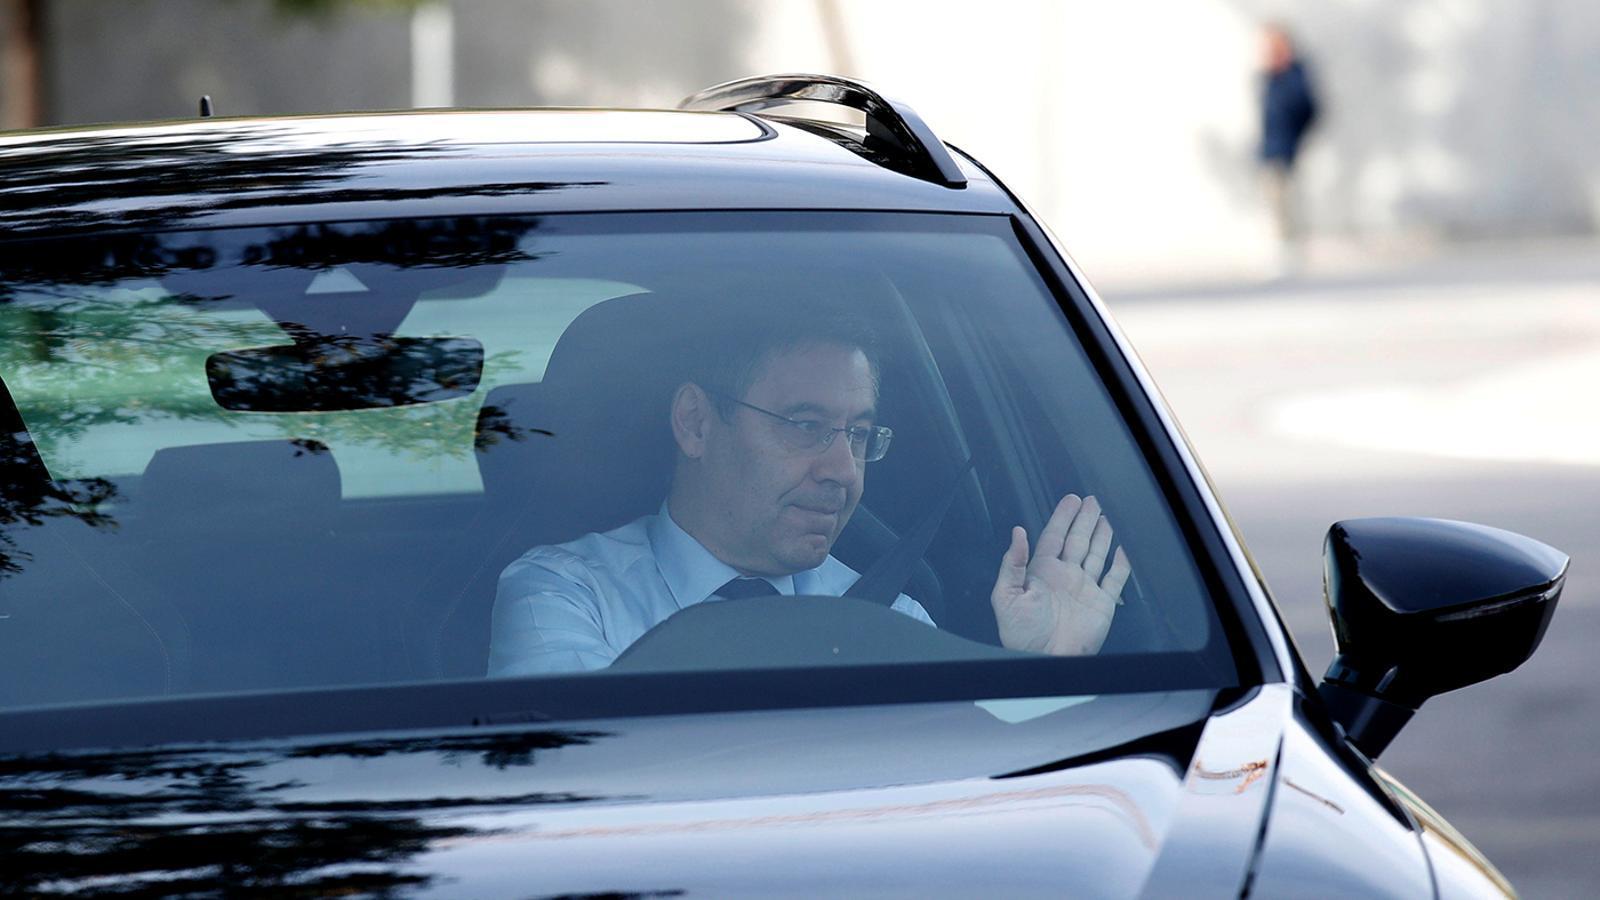 El President del FC Barcelona ,Josep Maria Bartomeu, arriba al camp Joan Gamper